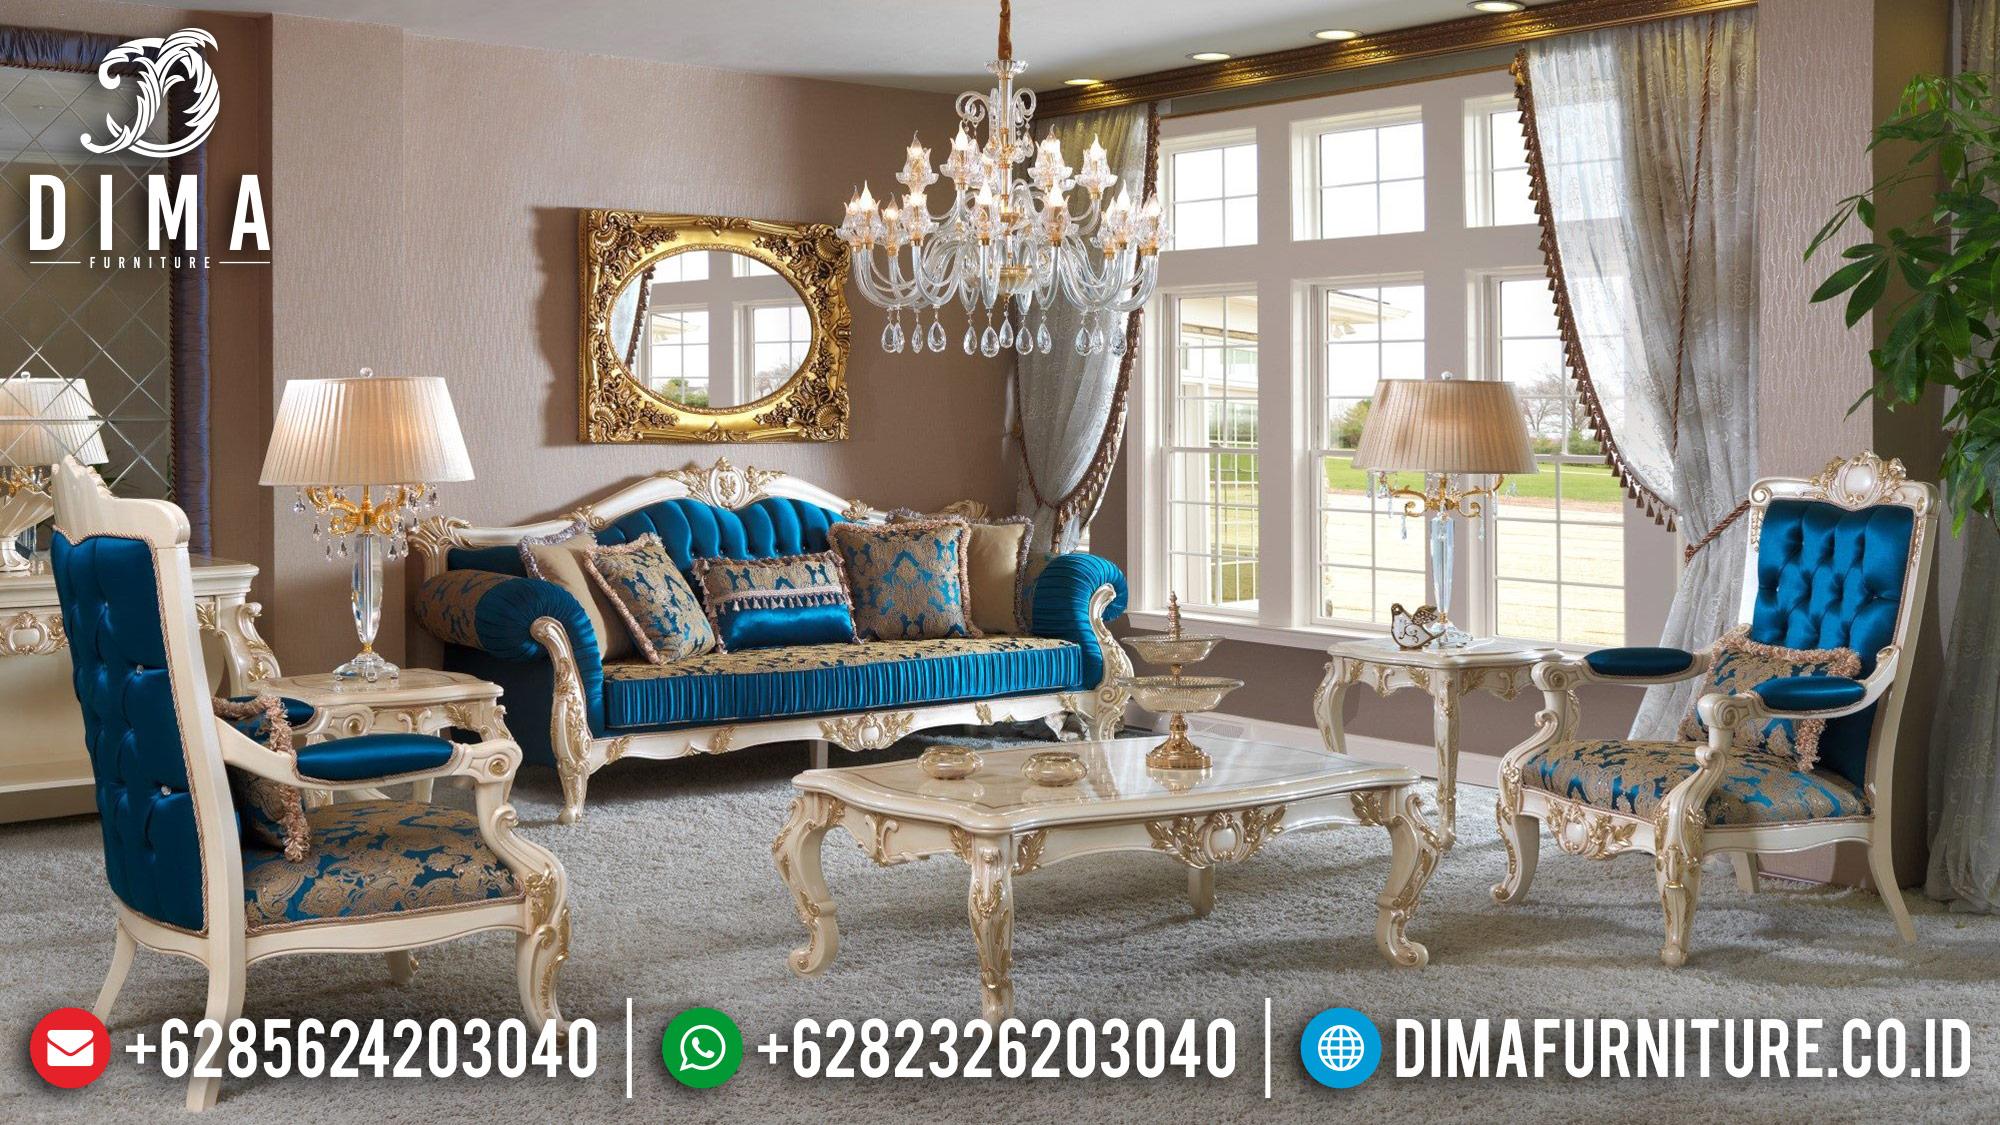 Model Kursi Jepara Terbaru, Sofa Tamu Mewah Jepara, Sofa Ruang Tamu Jepara DF-0525